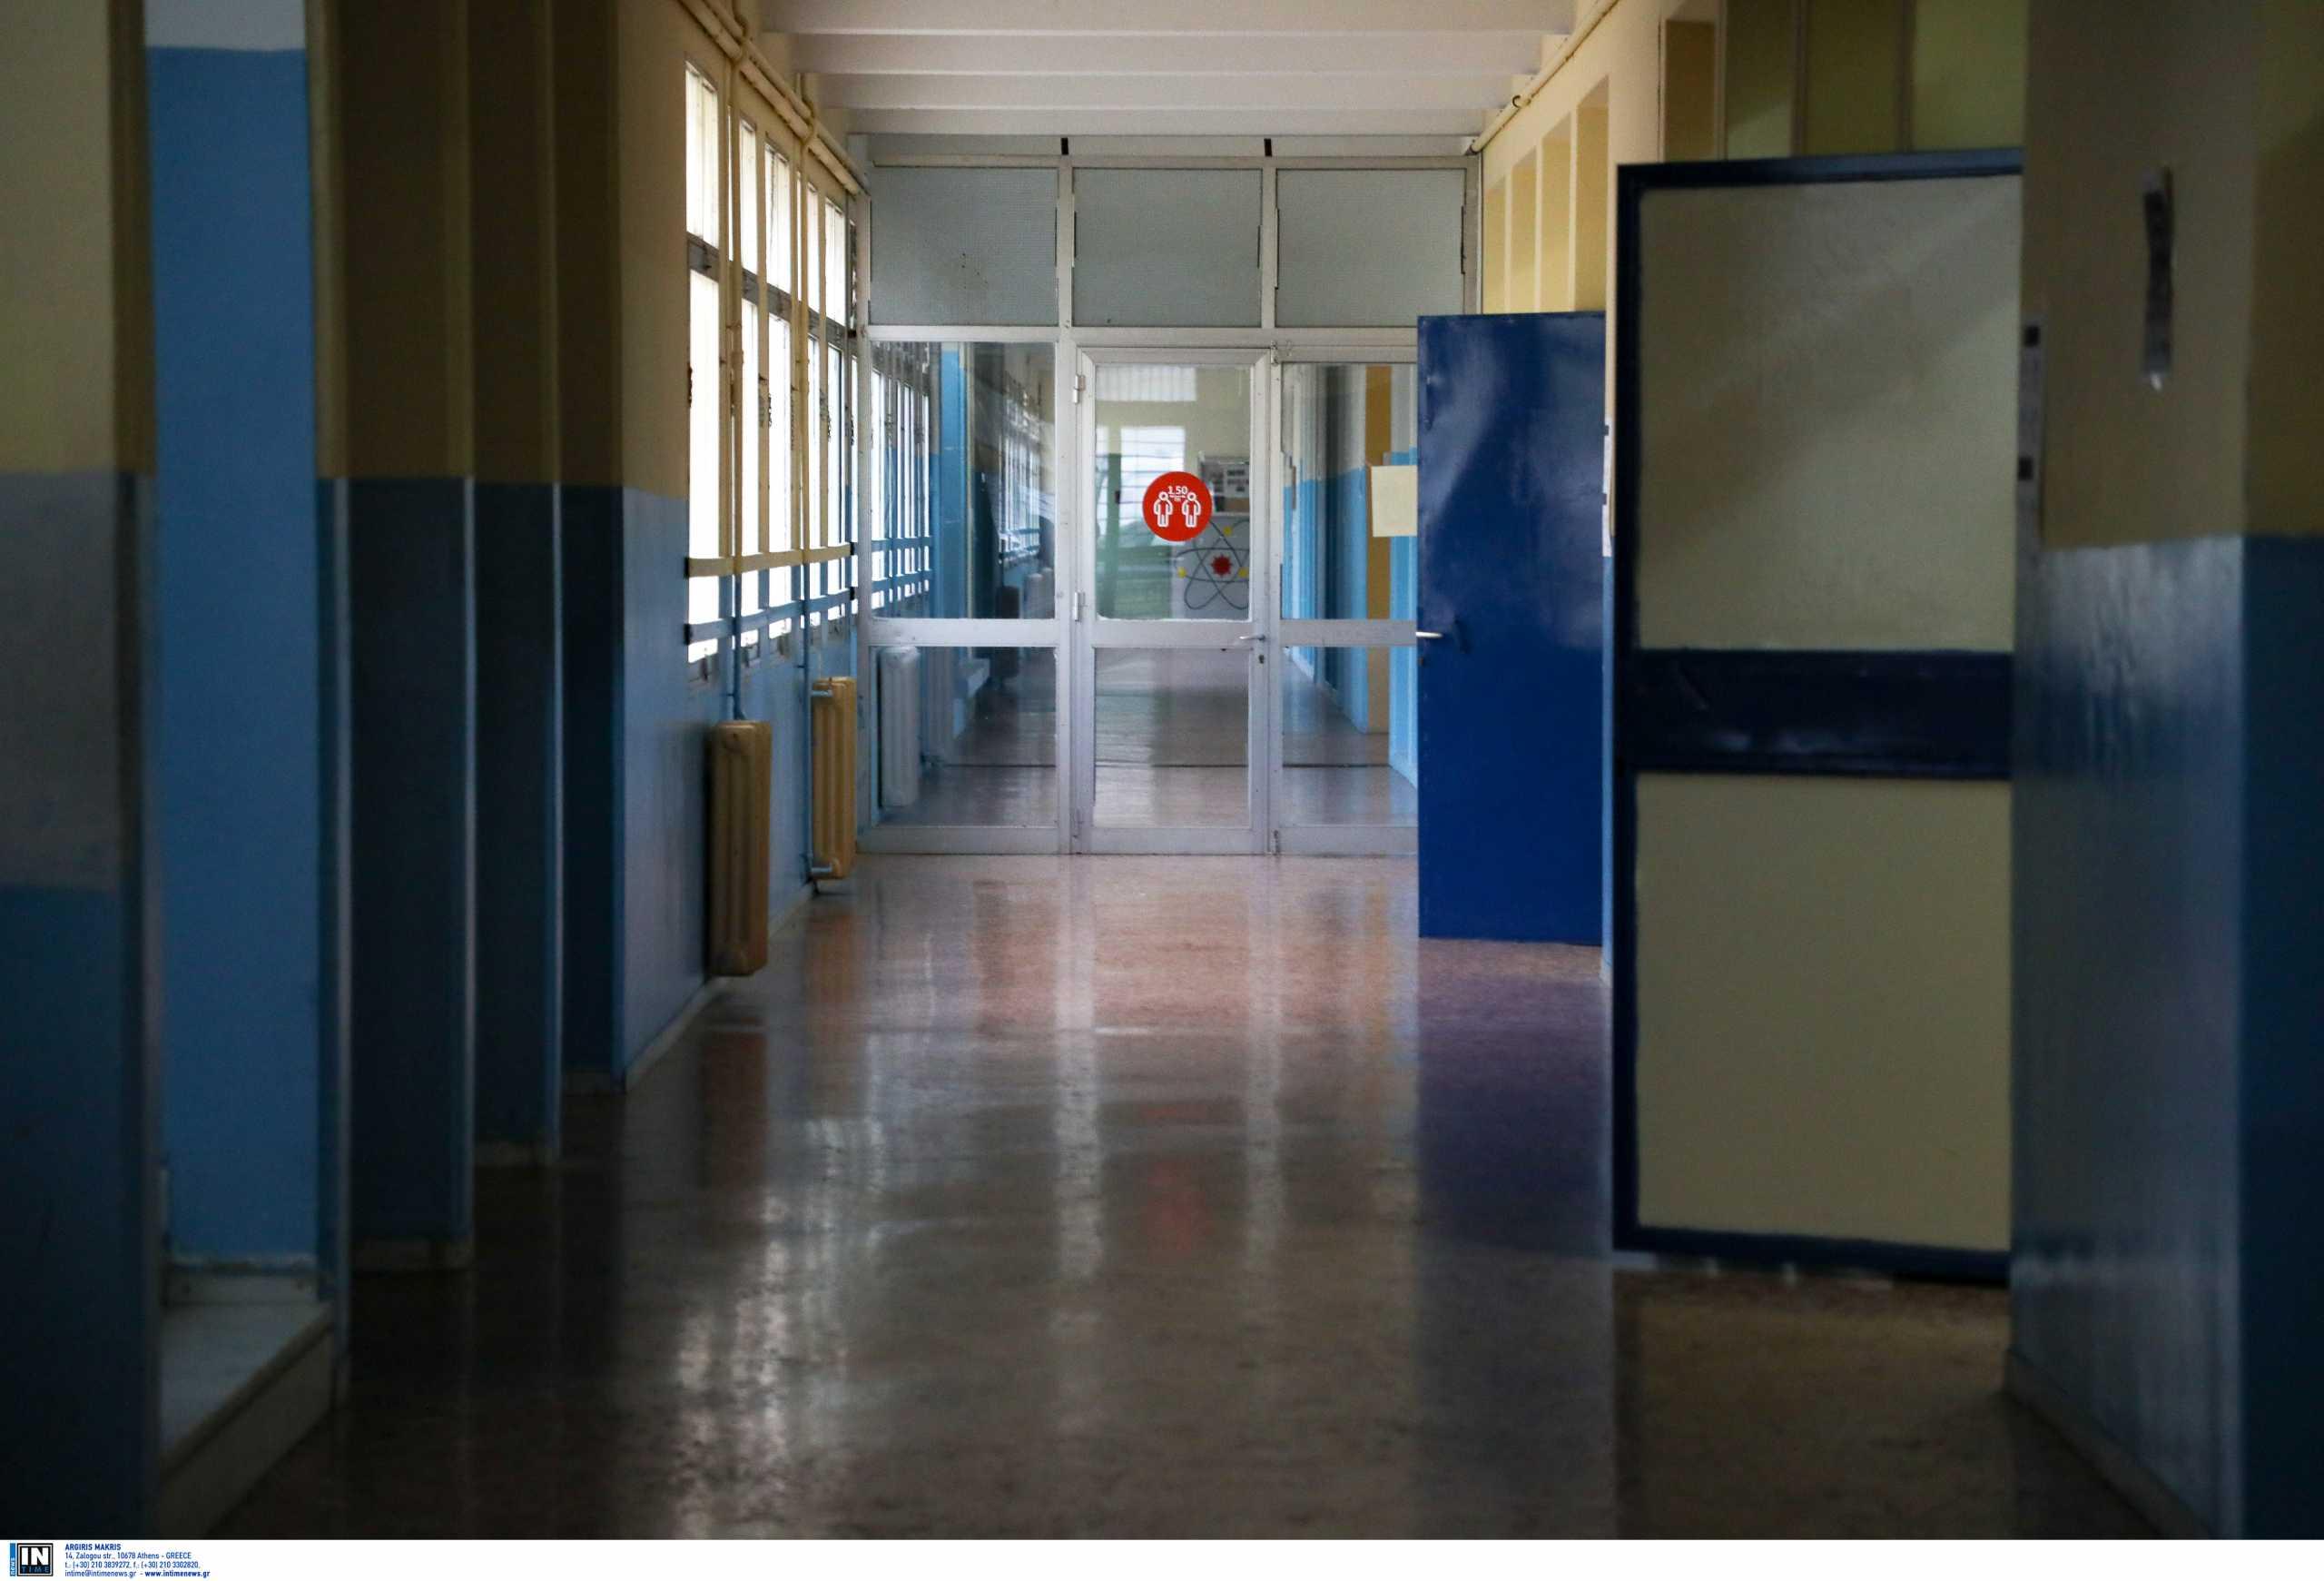 Απολυτήριο Λυκείου και Γυμνασίου με ένα «κλικ» – Διαθέσιμη η υπηρεσία στο gov.gr